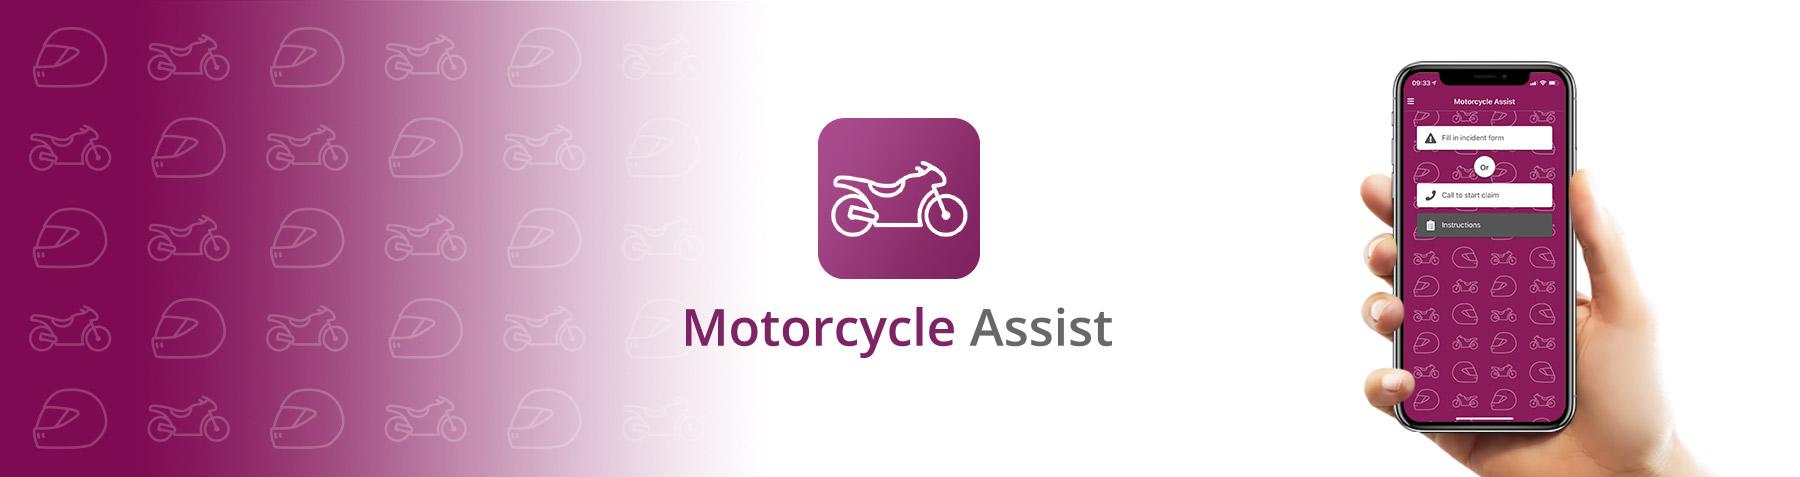 Motorcycle Assist app